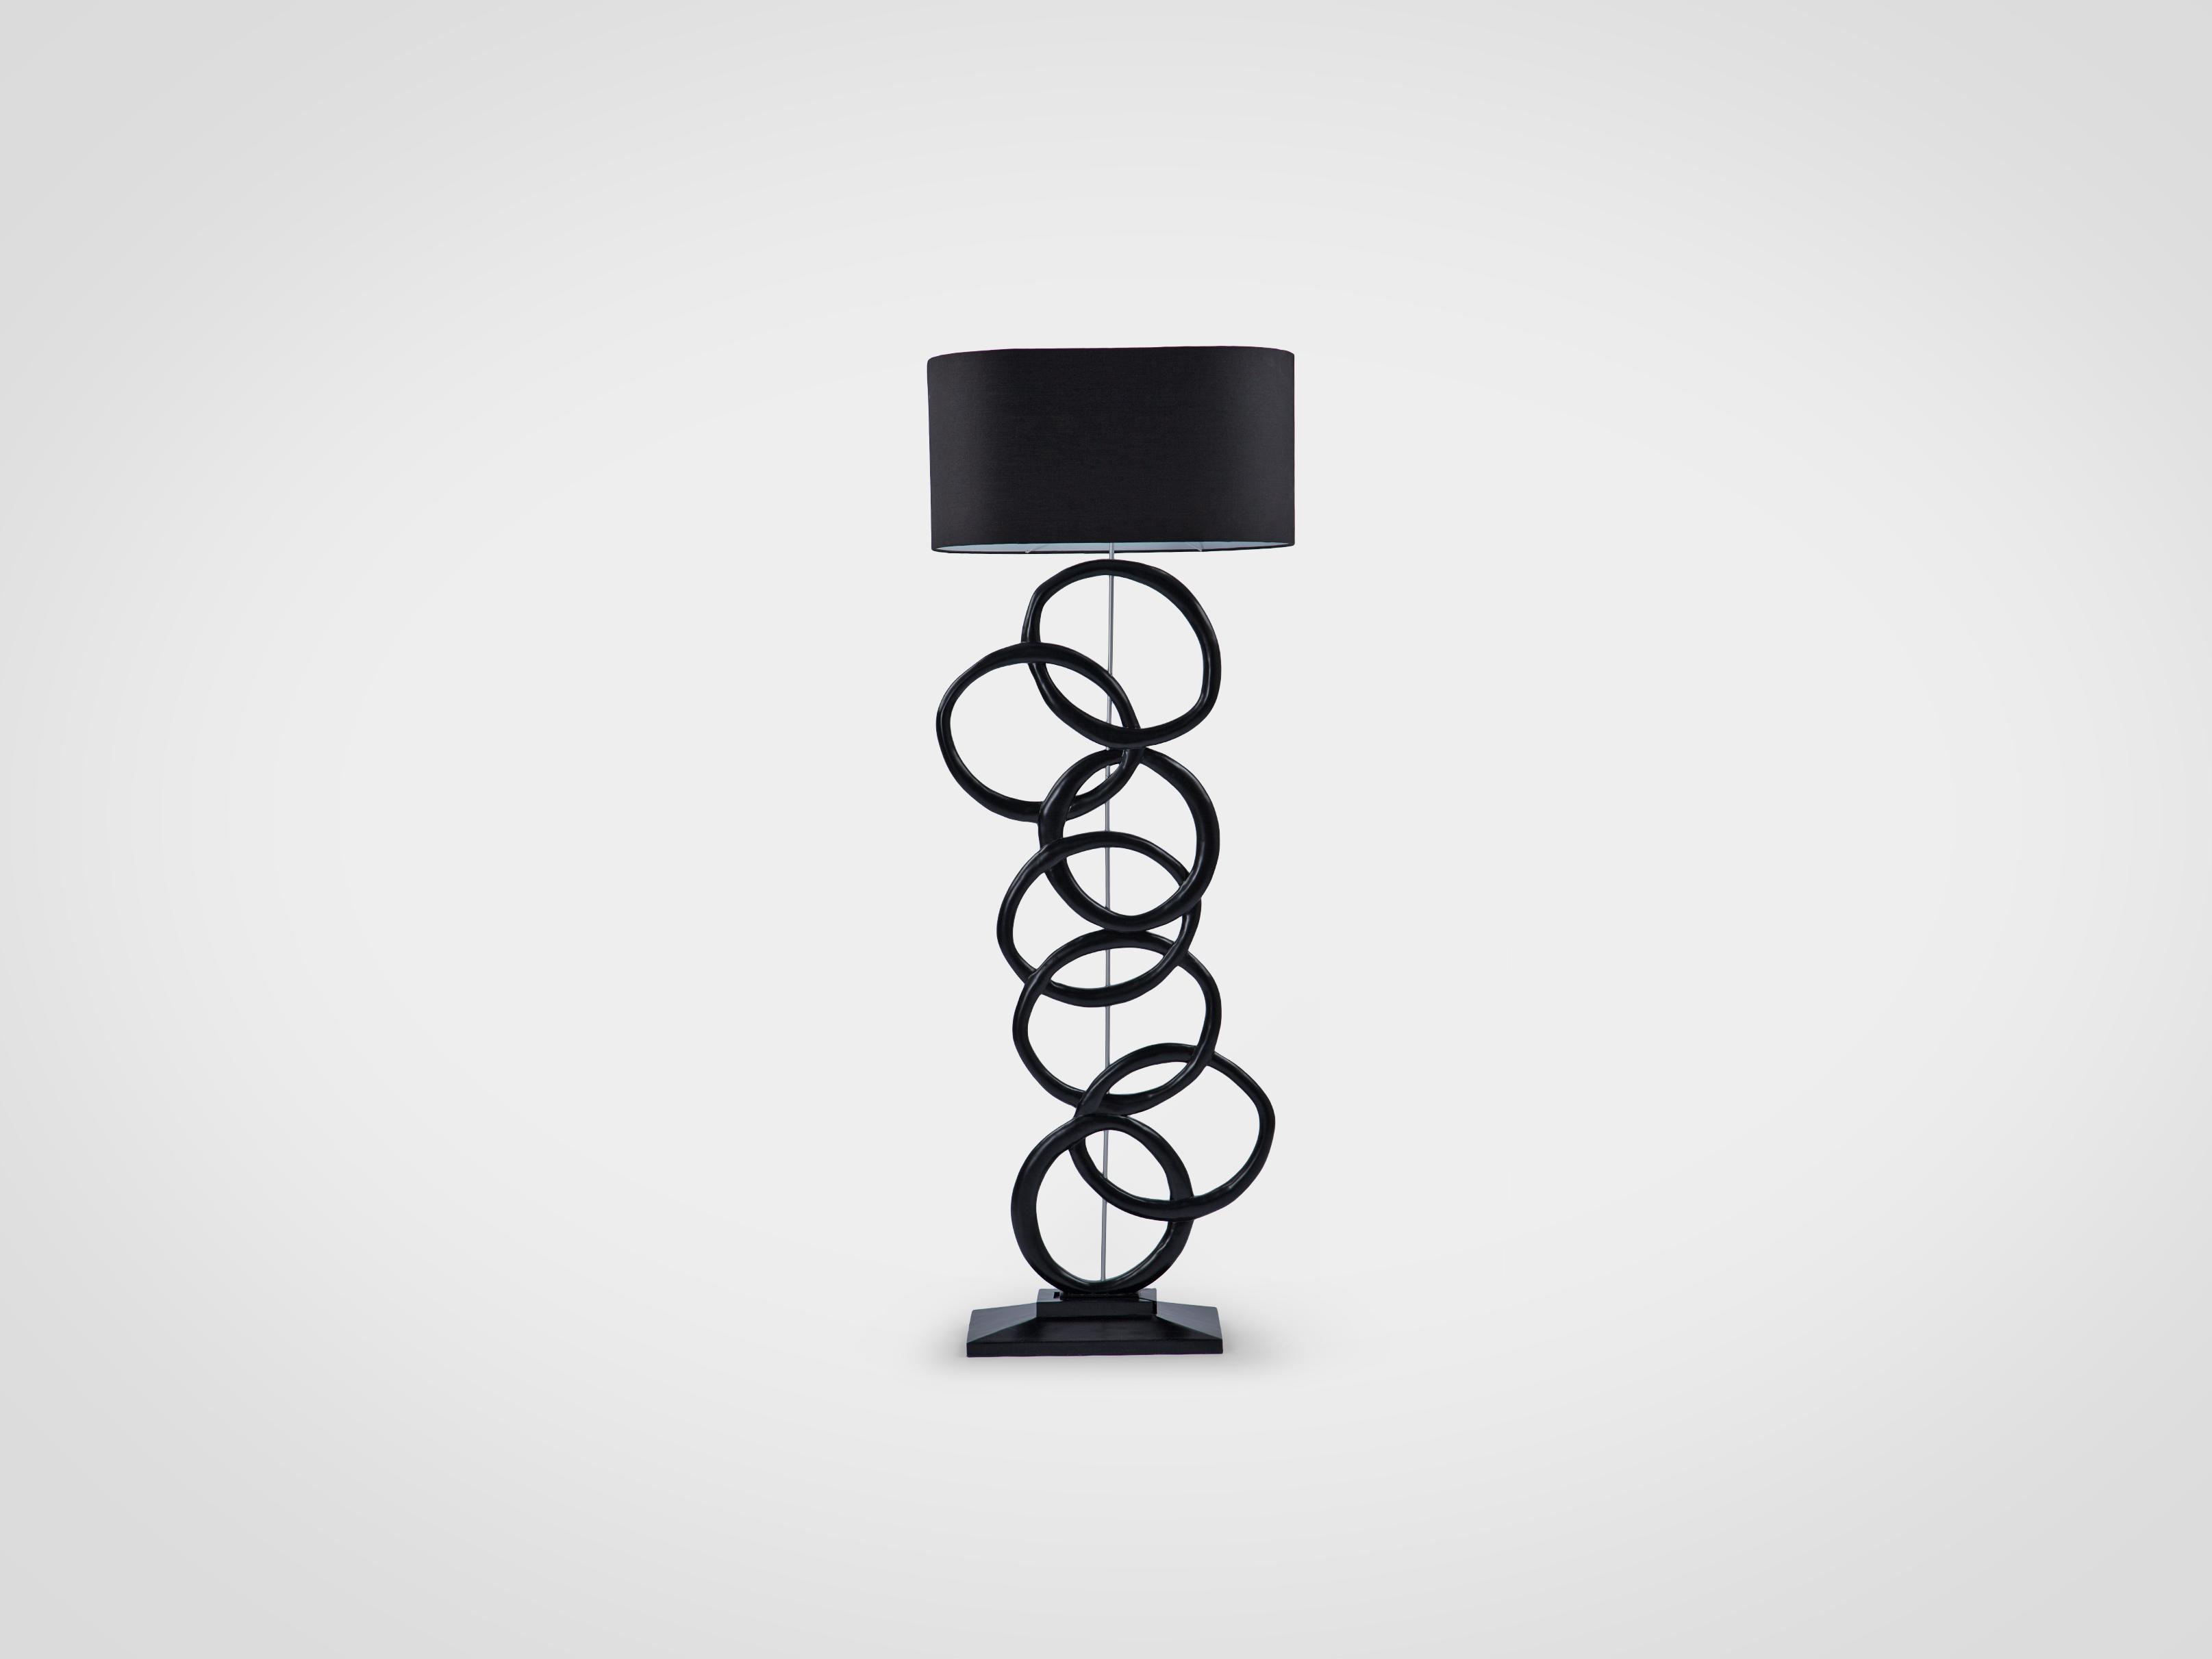 Купить Лампа напольная на декоративной ножке ручной работы из дерева махагони, inmyroom, Индонезия